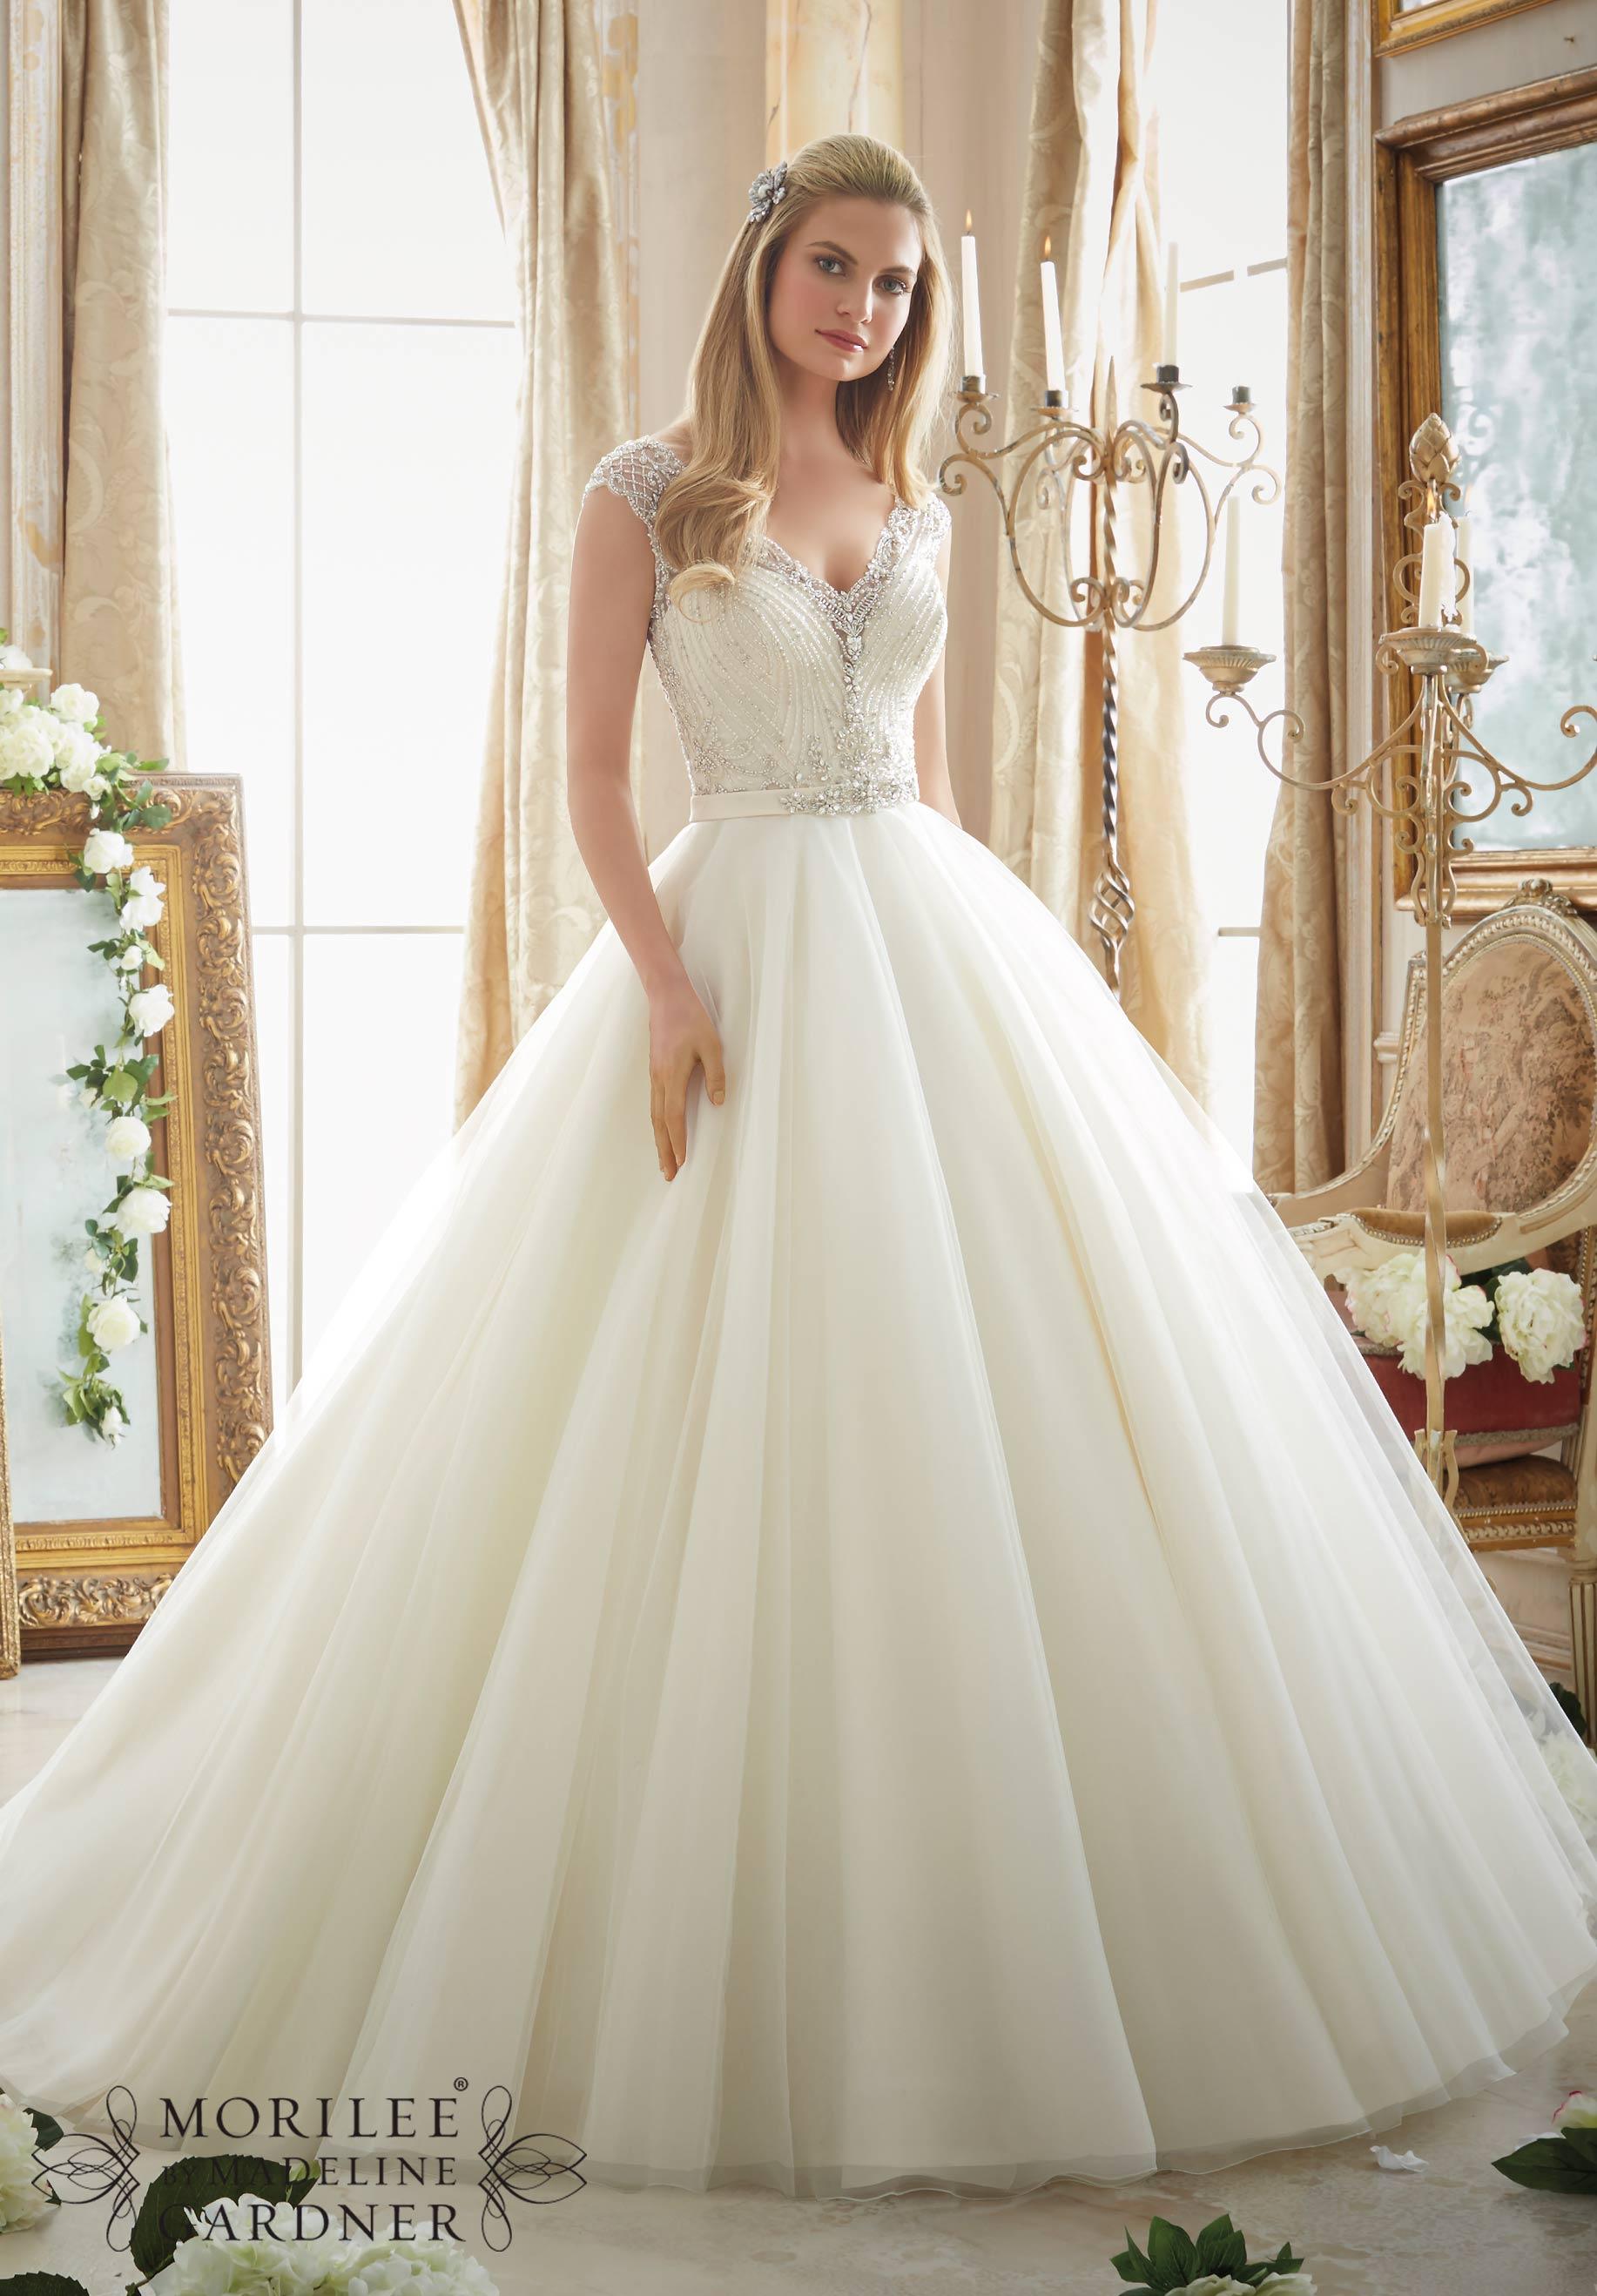 Plus Size Wedding Dresses Orlando - Wedding Dresses Thumbmediagroup.Com